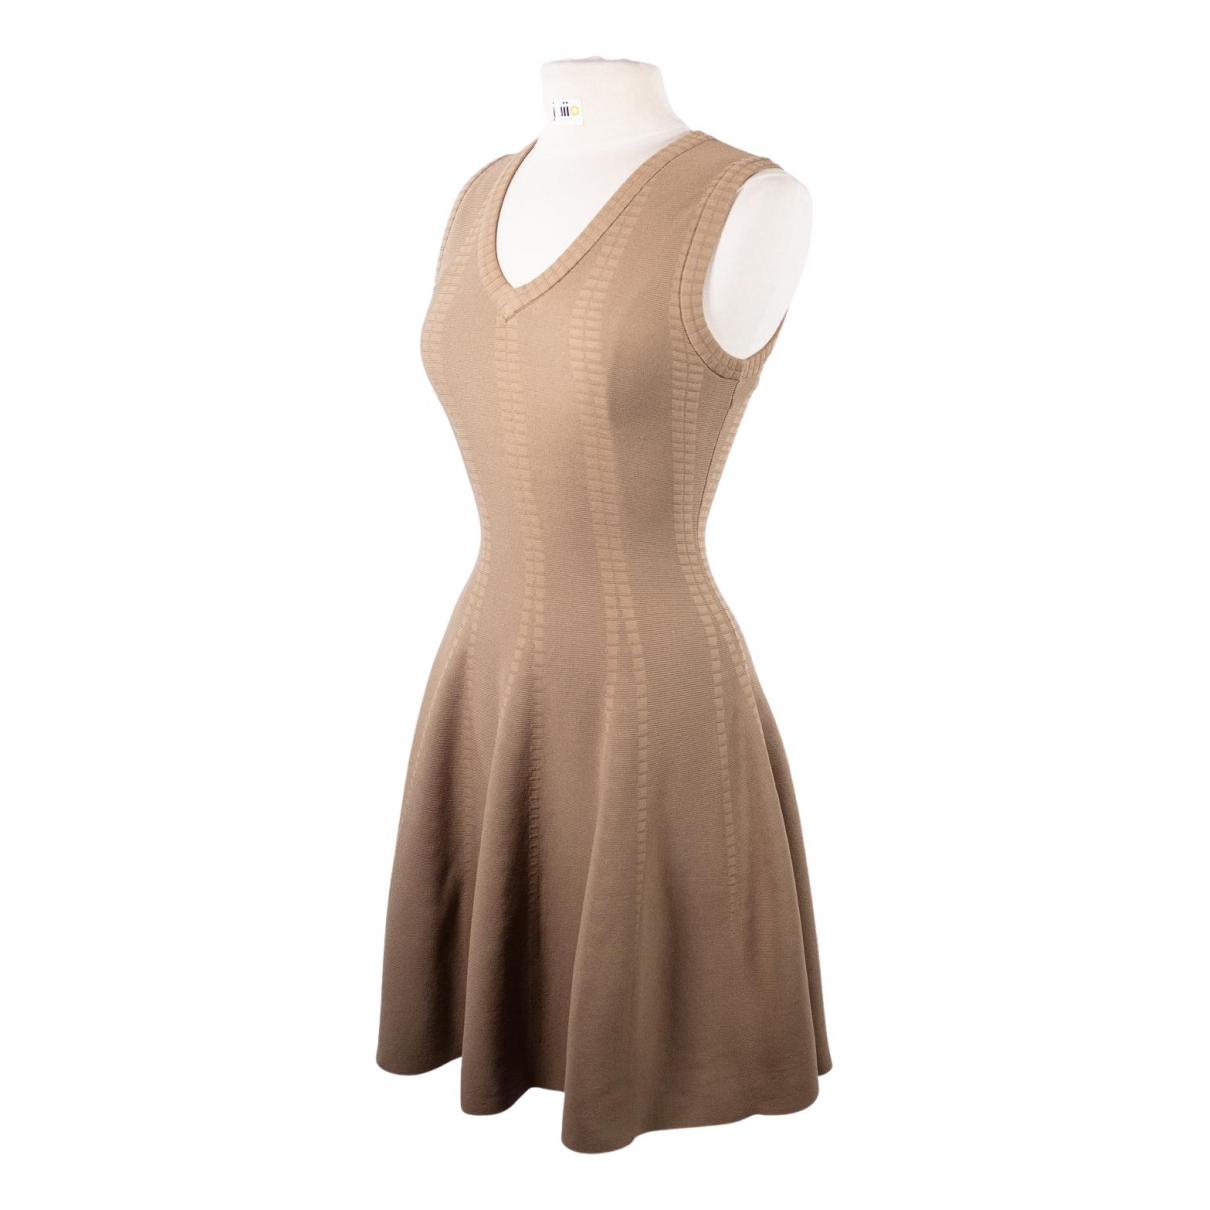 Rodier \N Kleid in  Beige Viskose